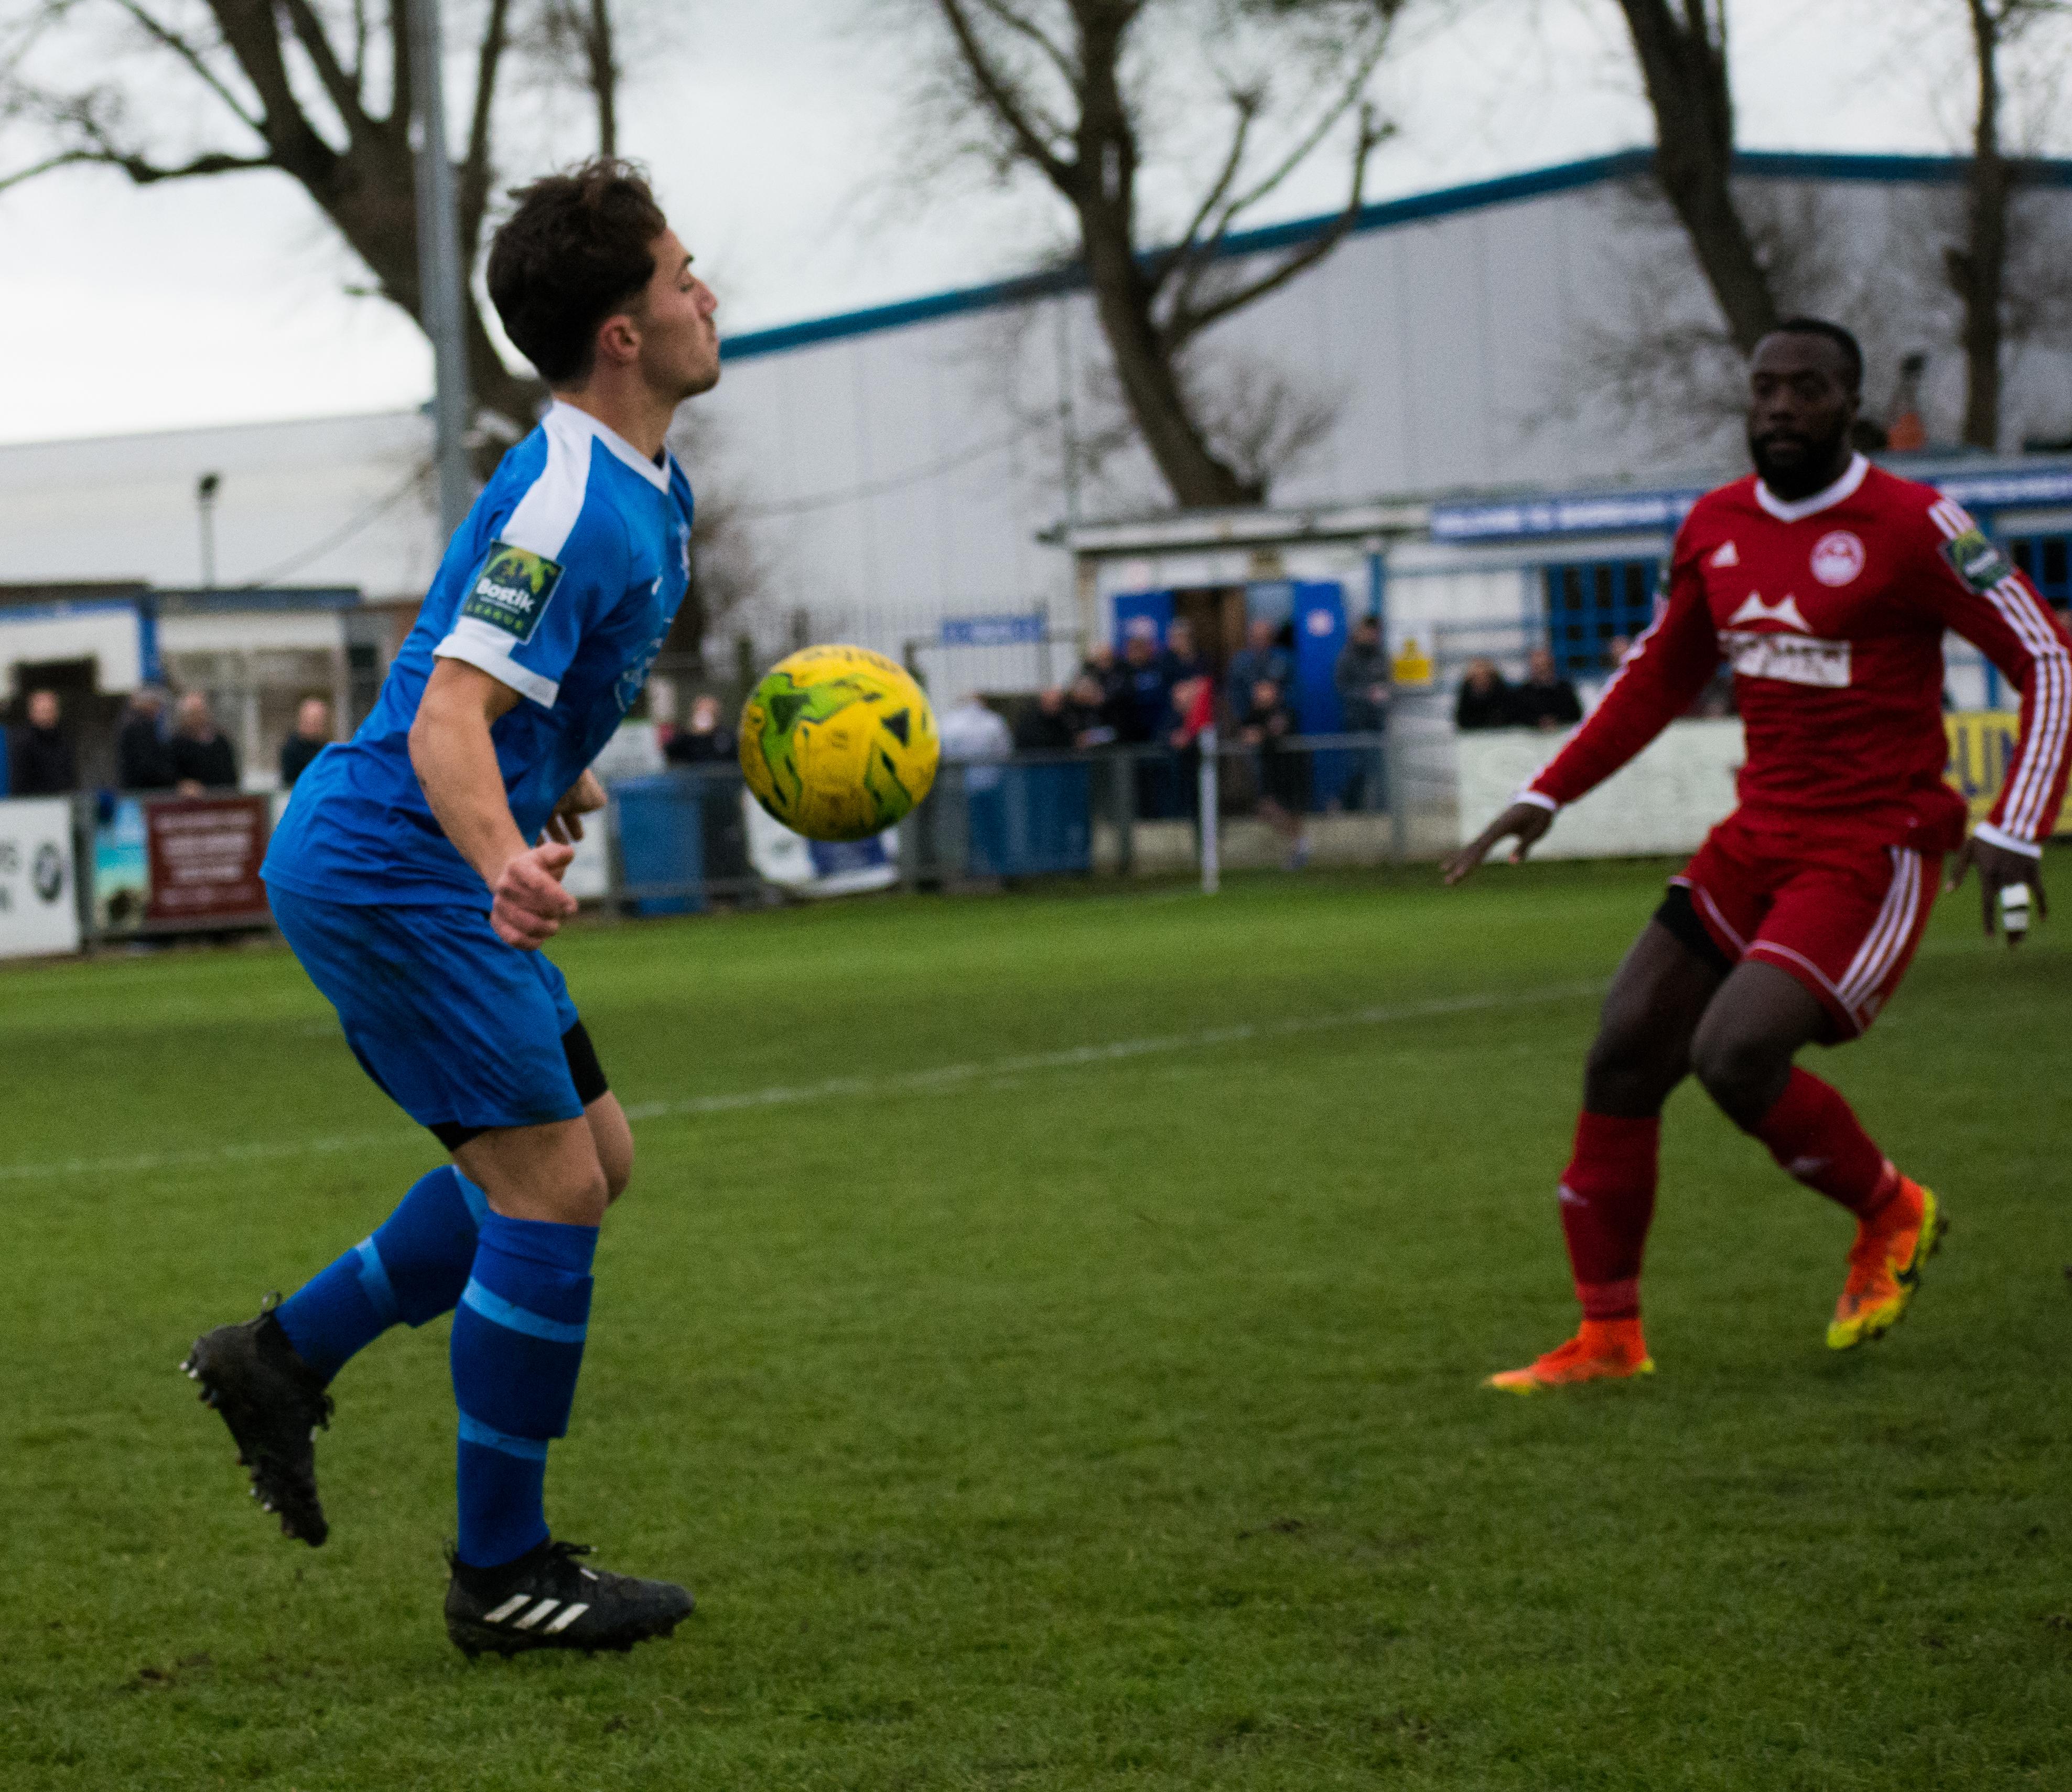 Shoreham FC vs Hythe Town 11.11.17 33